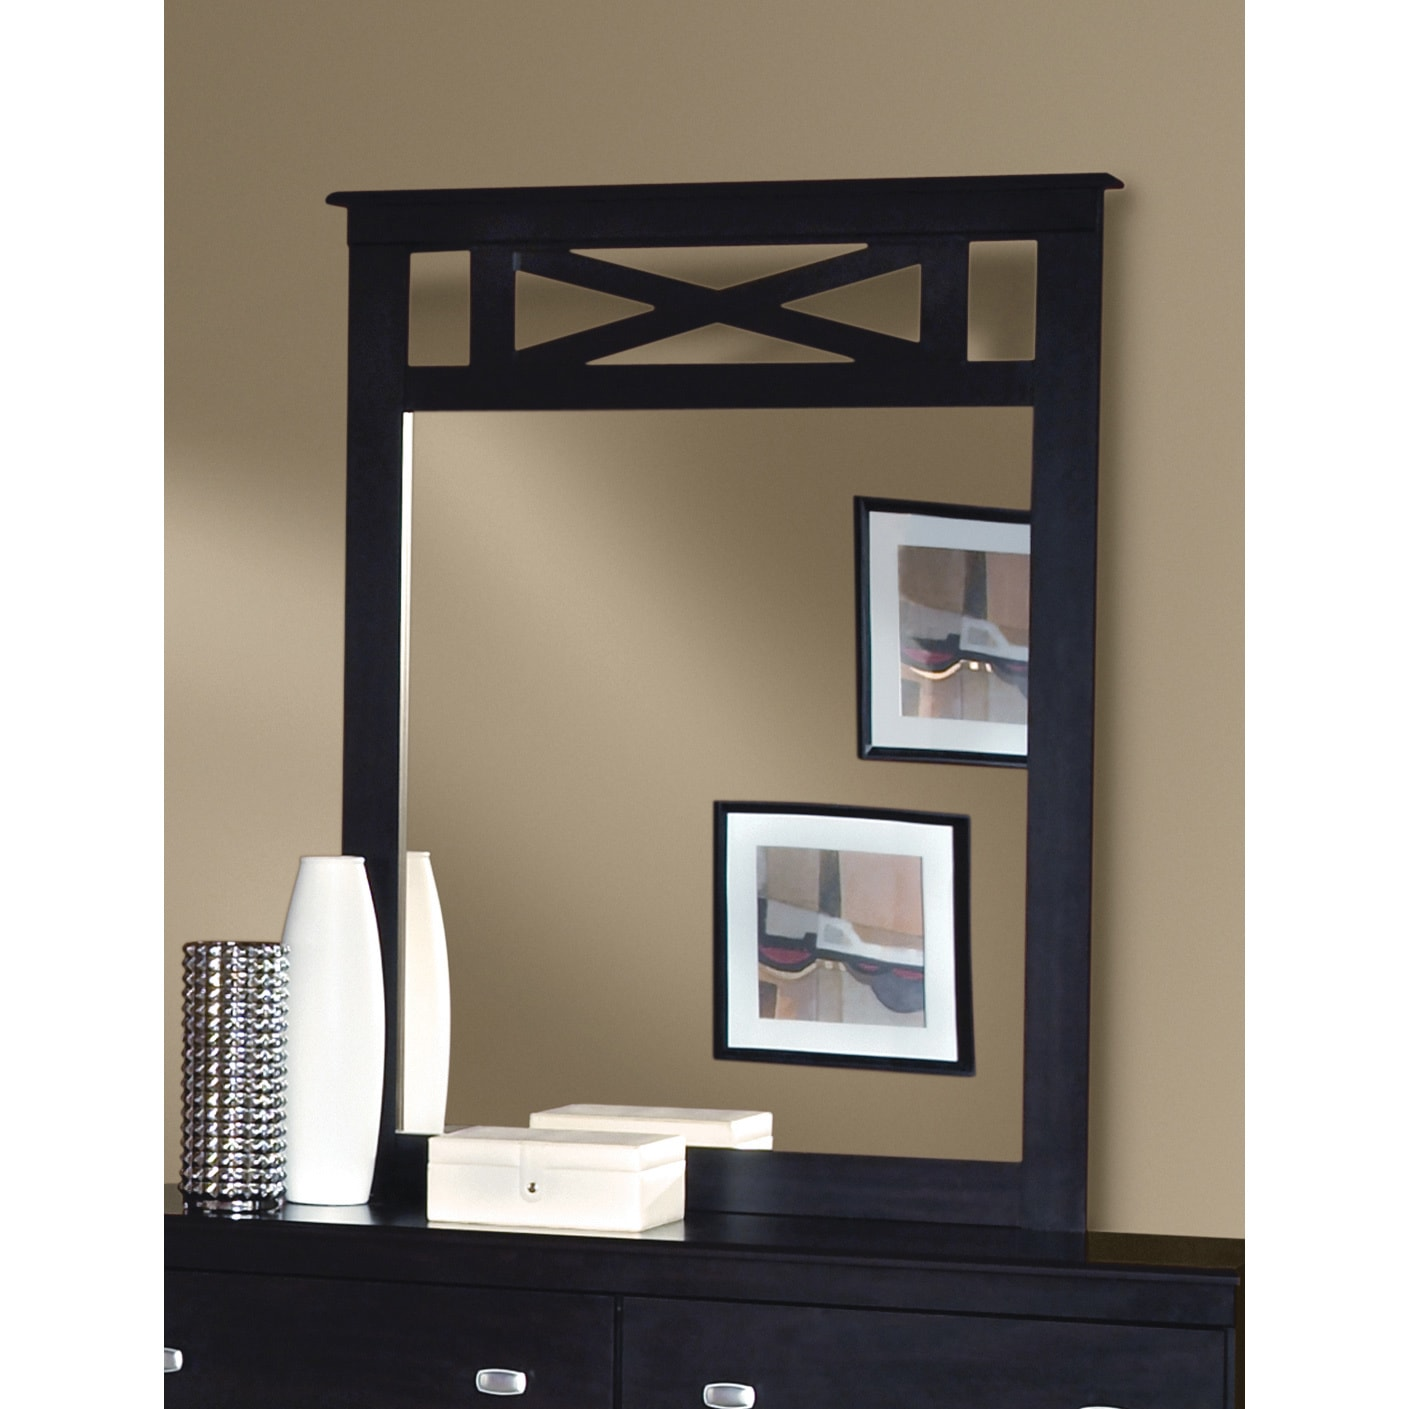 Art Van Mirror Overstock Shopping The Best Prices on Art Van Furniture Be